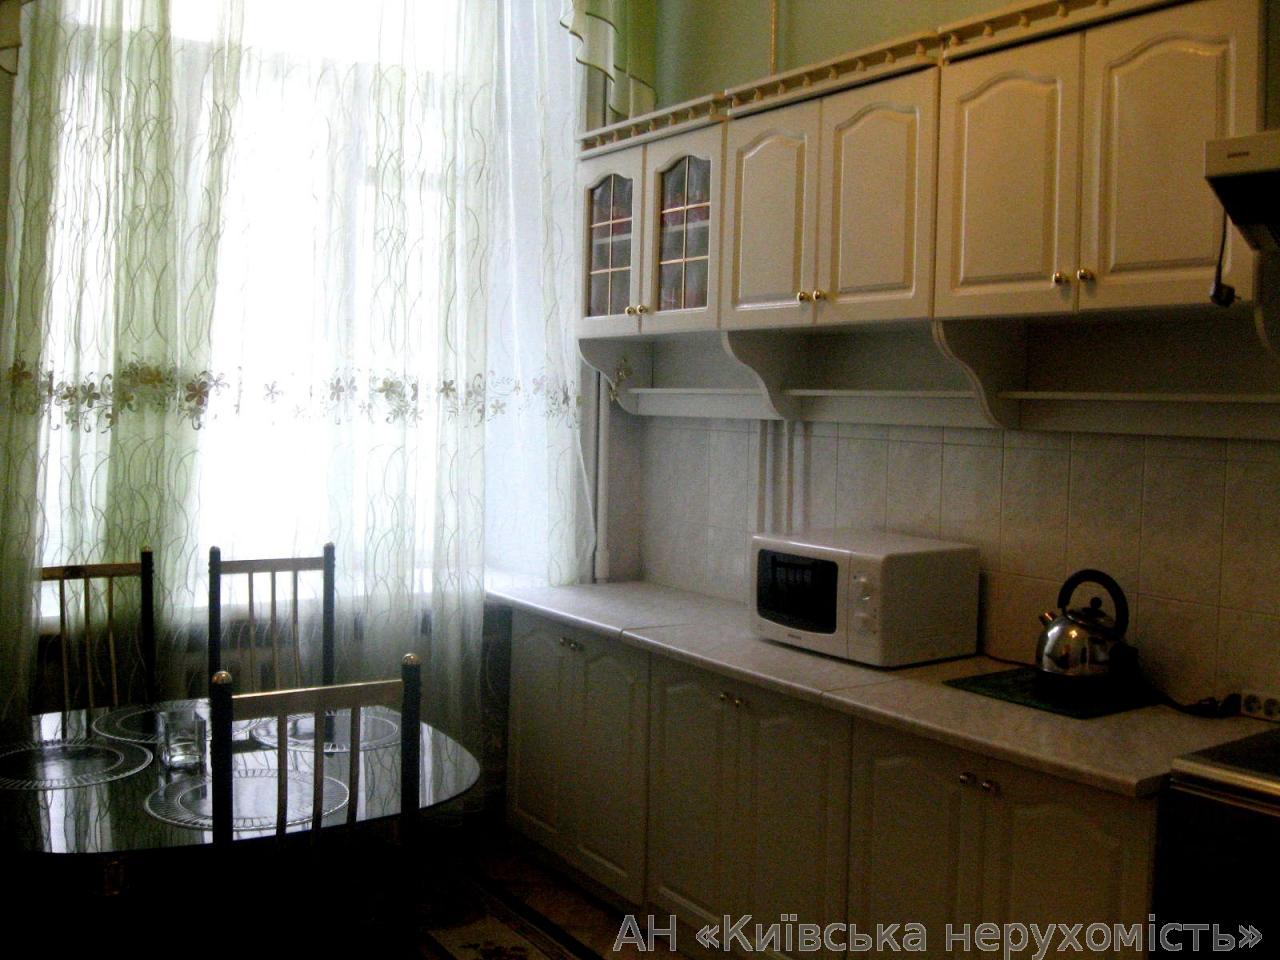 Продам квартиру Киев, Костельная ул. 3